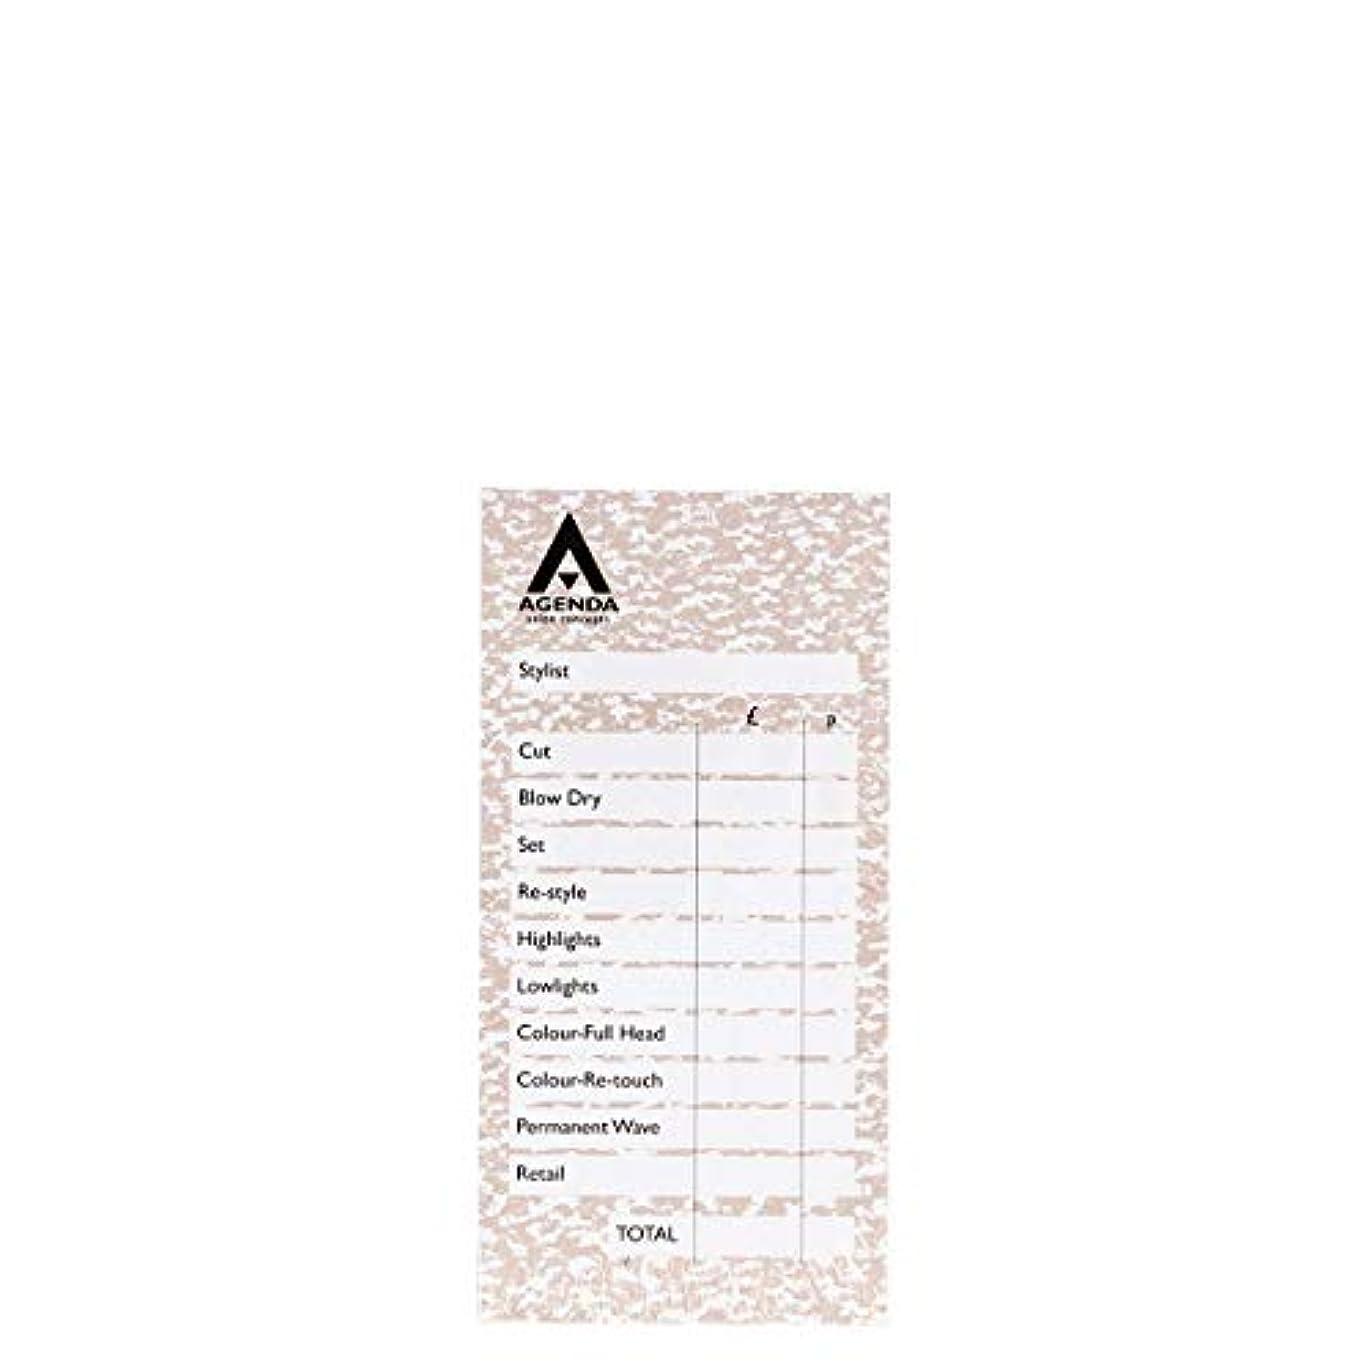 テレビ局依存する許さないアジェンダ サロンコンセプト チェックパッドベージュ6x100リーフ[海外直送品] [並行輸入品]